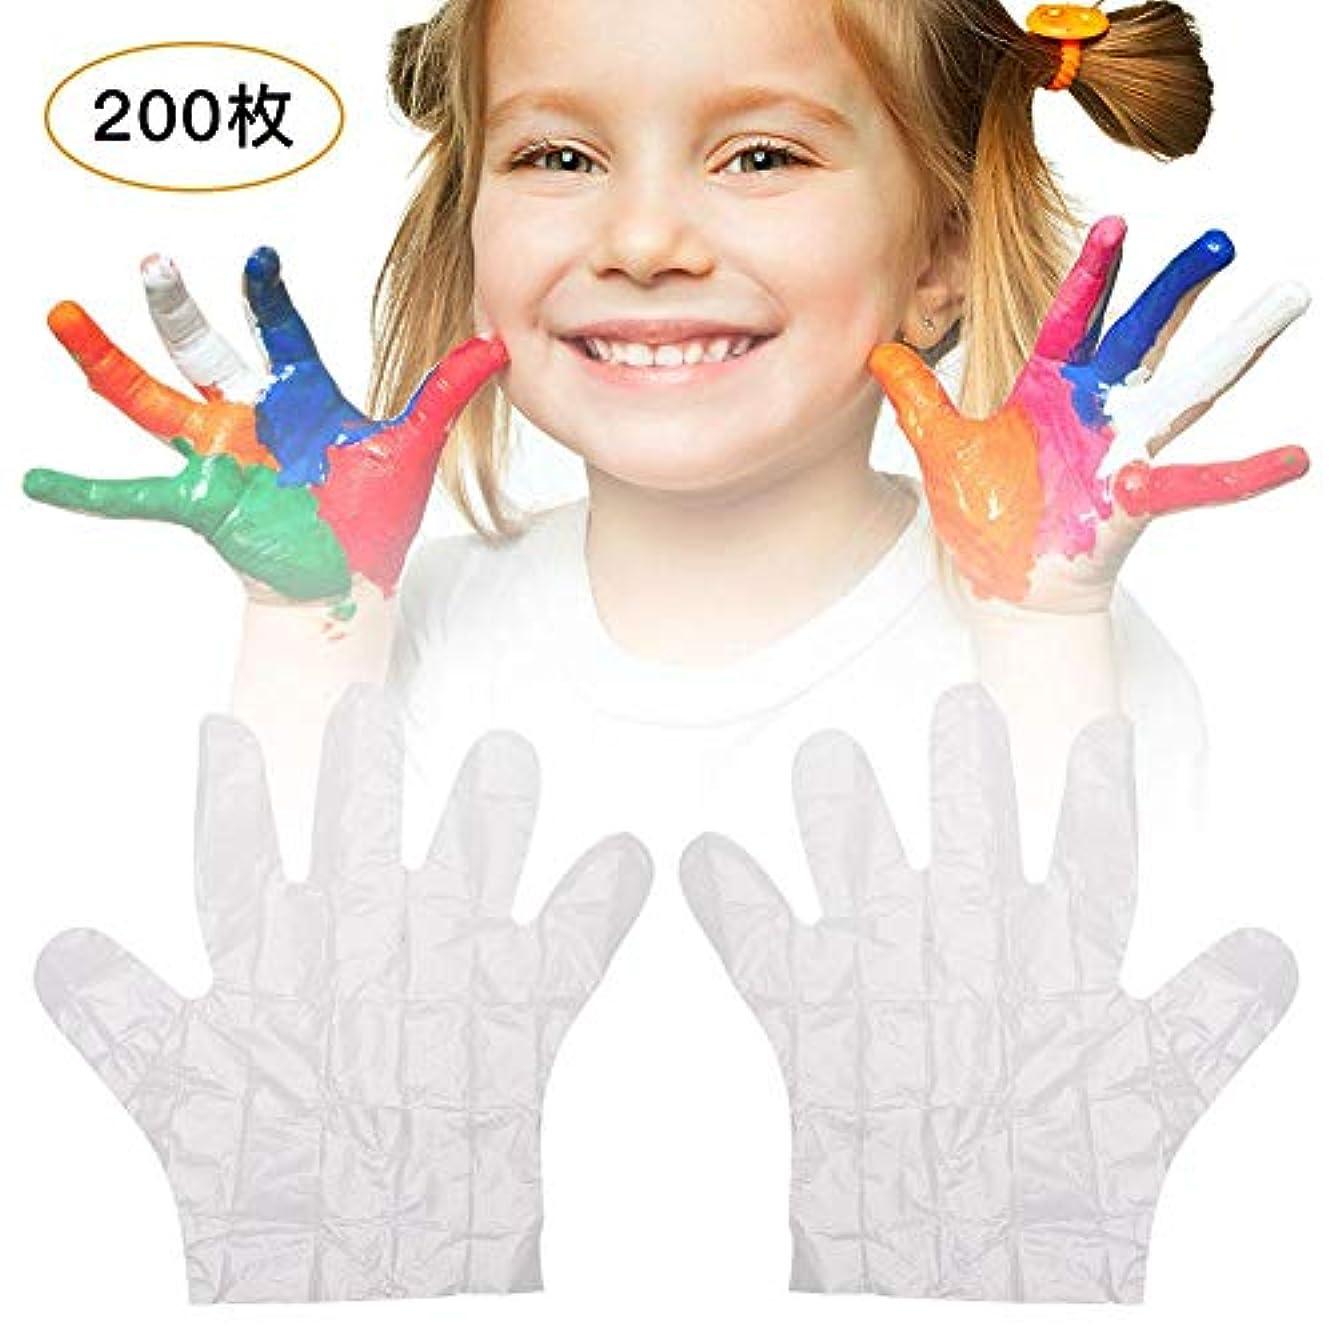 インターネット赤赤使い捨て手袋 子供用 極薄ビニール手袋 LUERME ポリエチレン 透明 実用 衛生 100枚/200m枚セット 左右兼用